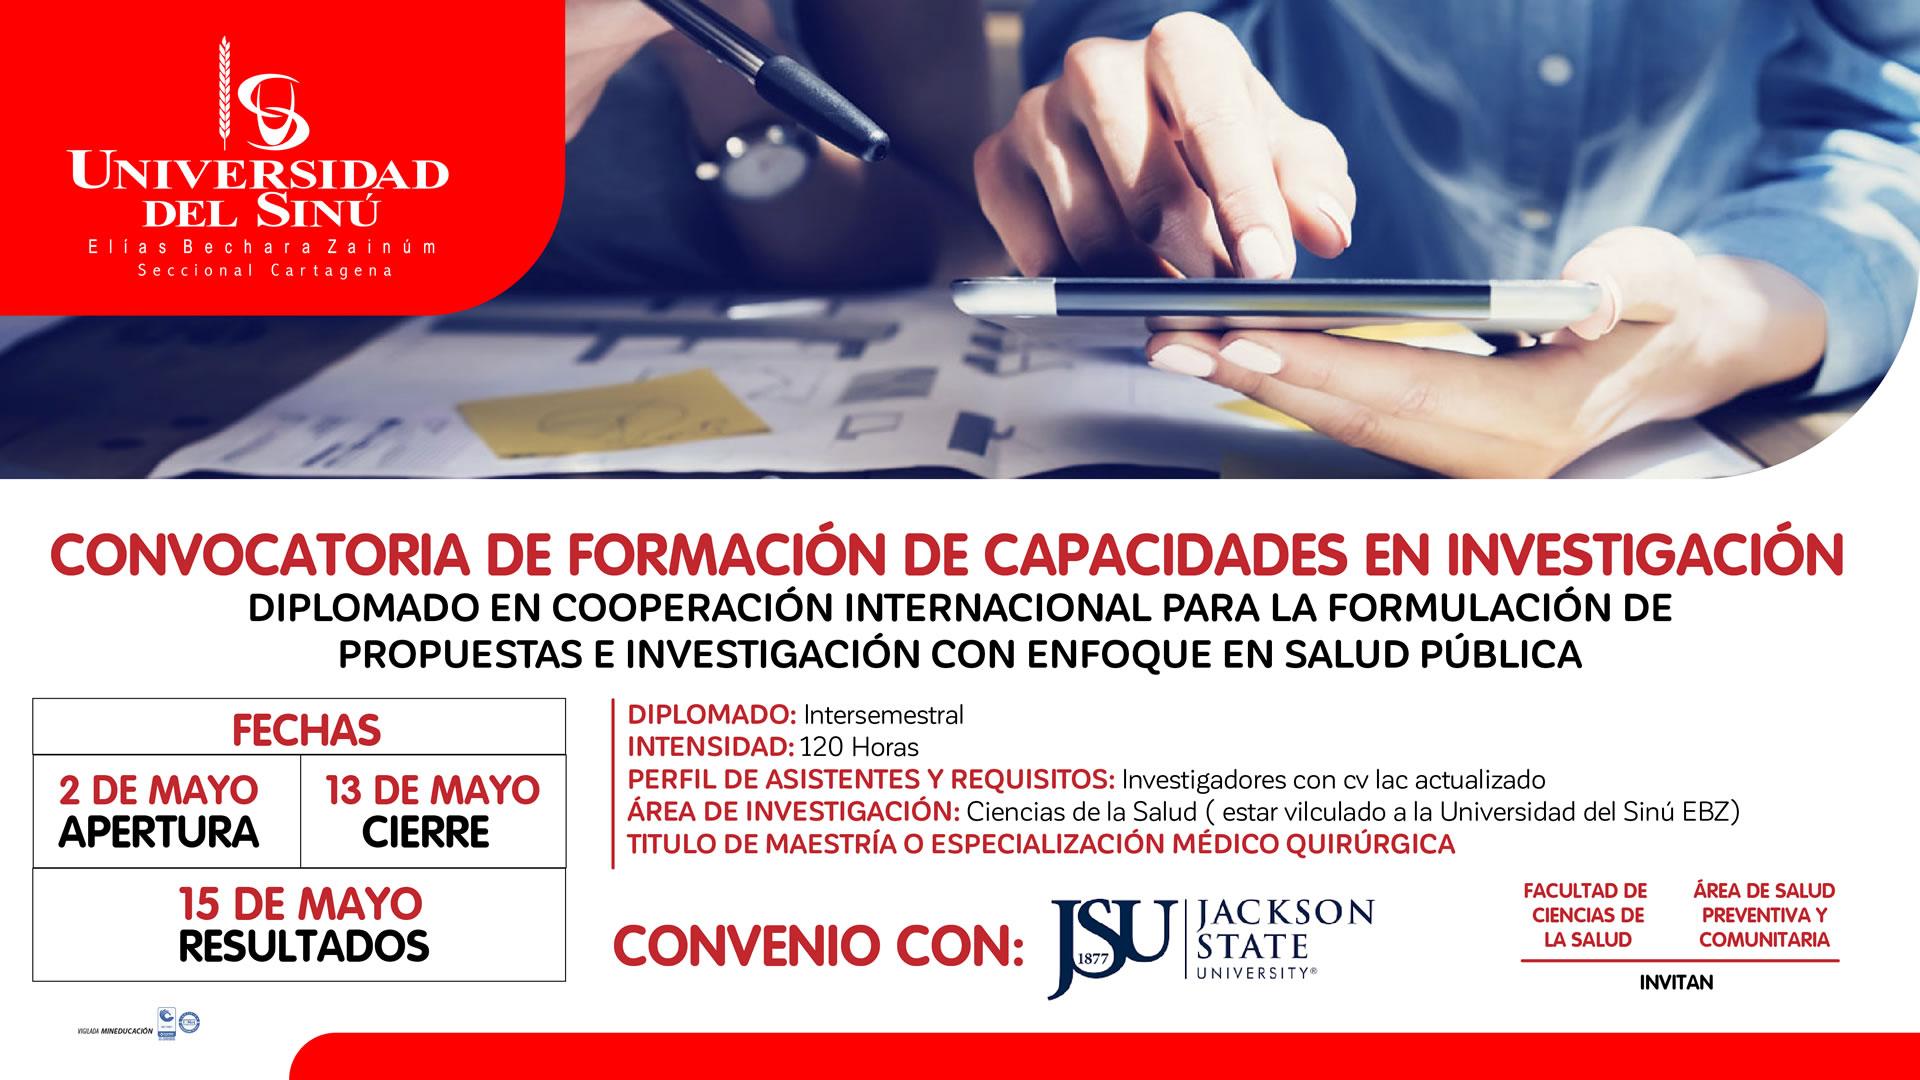 CONVOCATORIA DE FORMACION DE CAPACIDADES EN INVESTIGACION-2019-1p